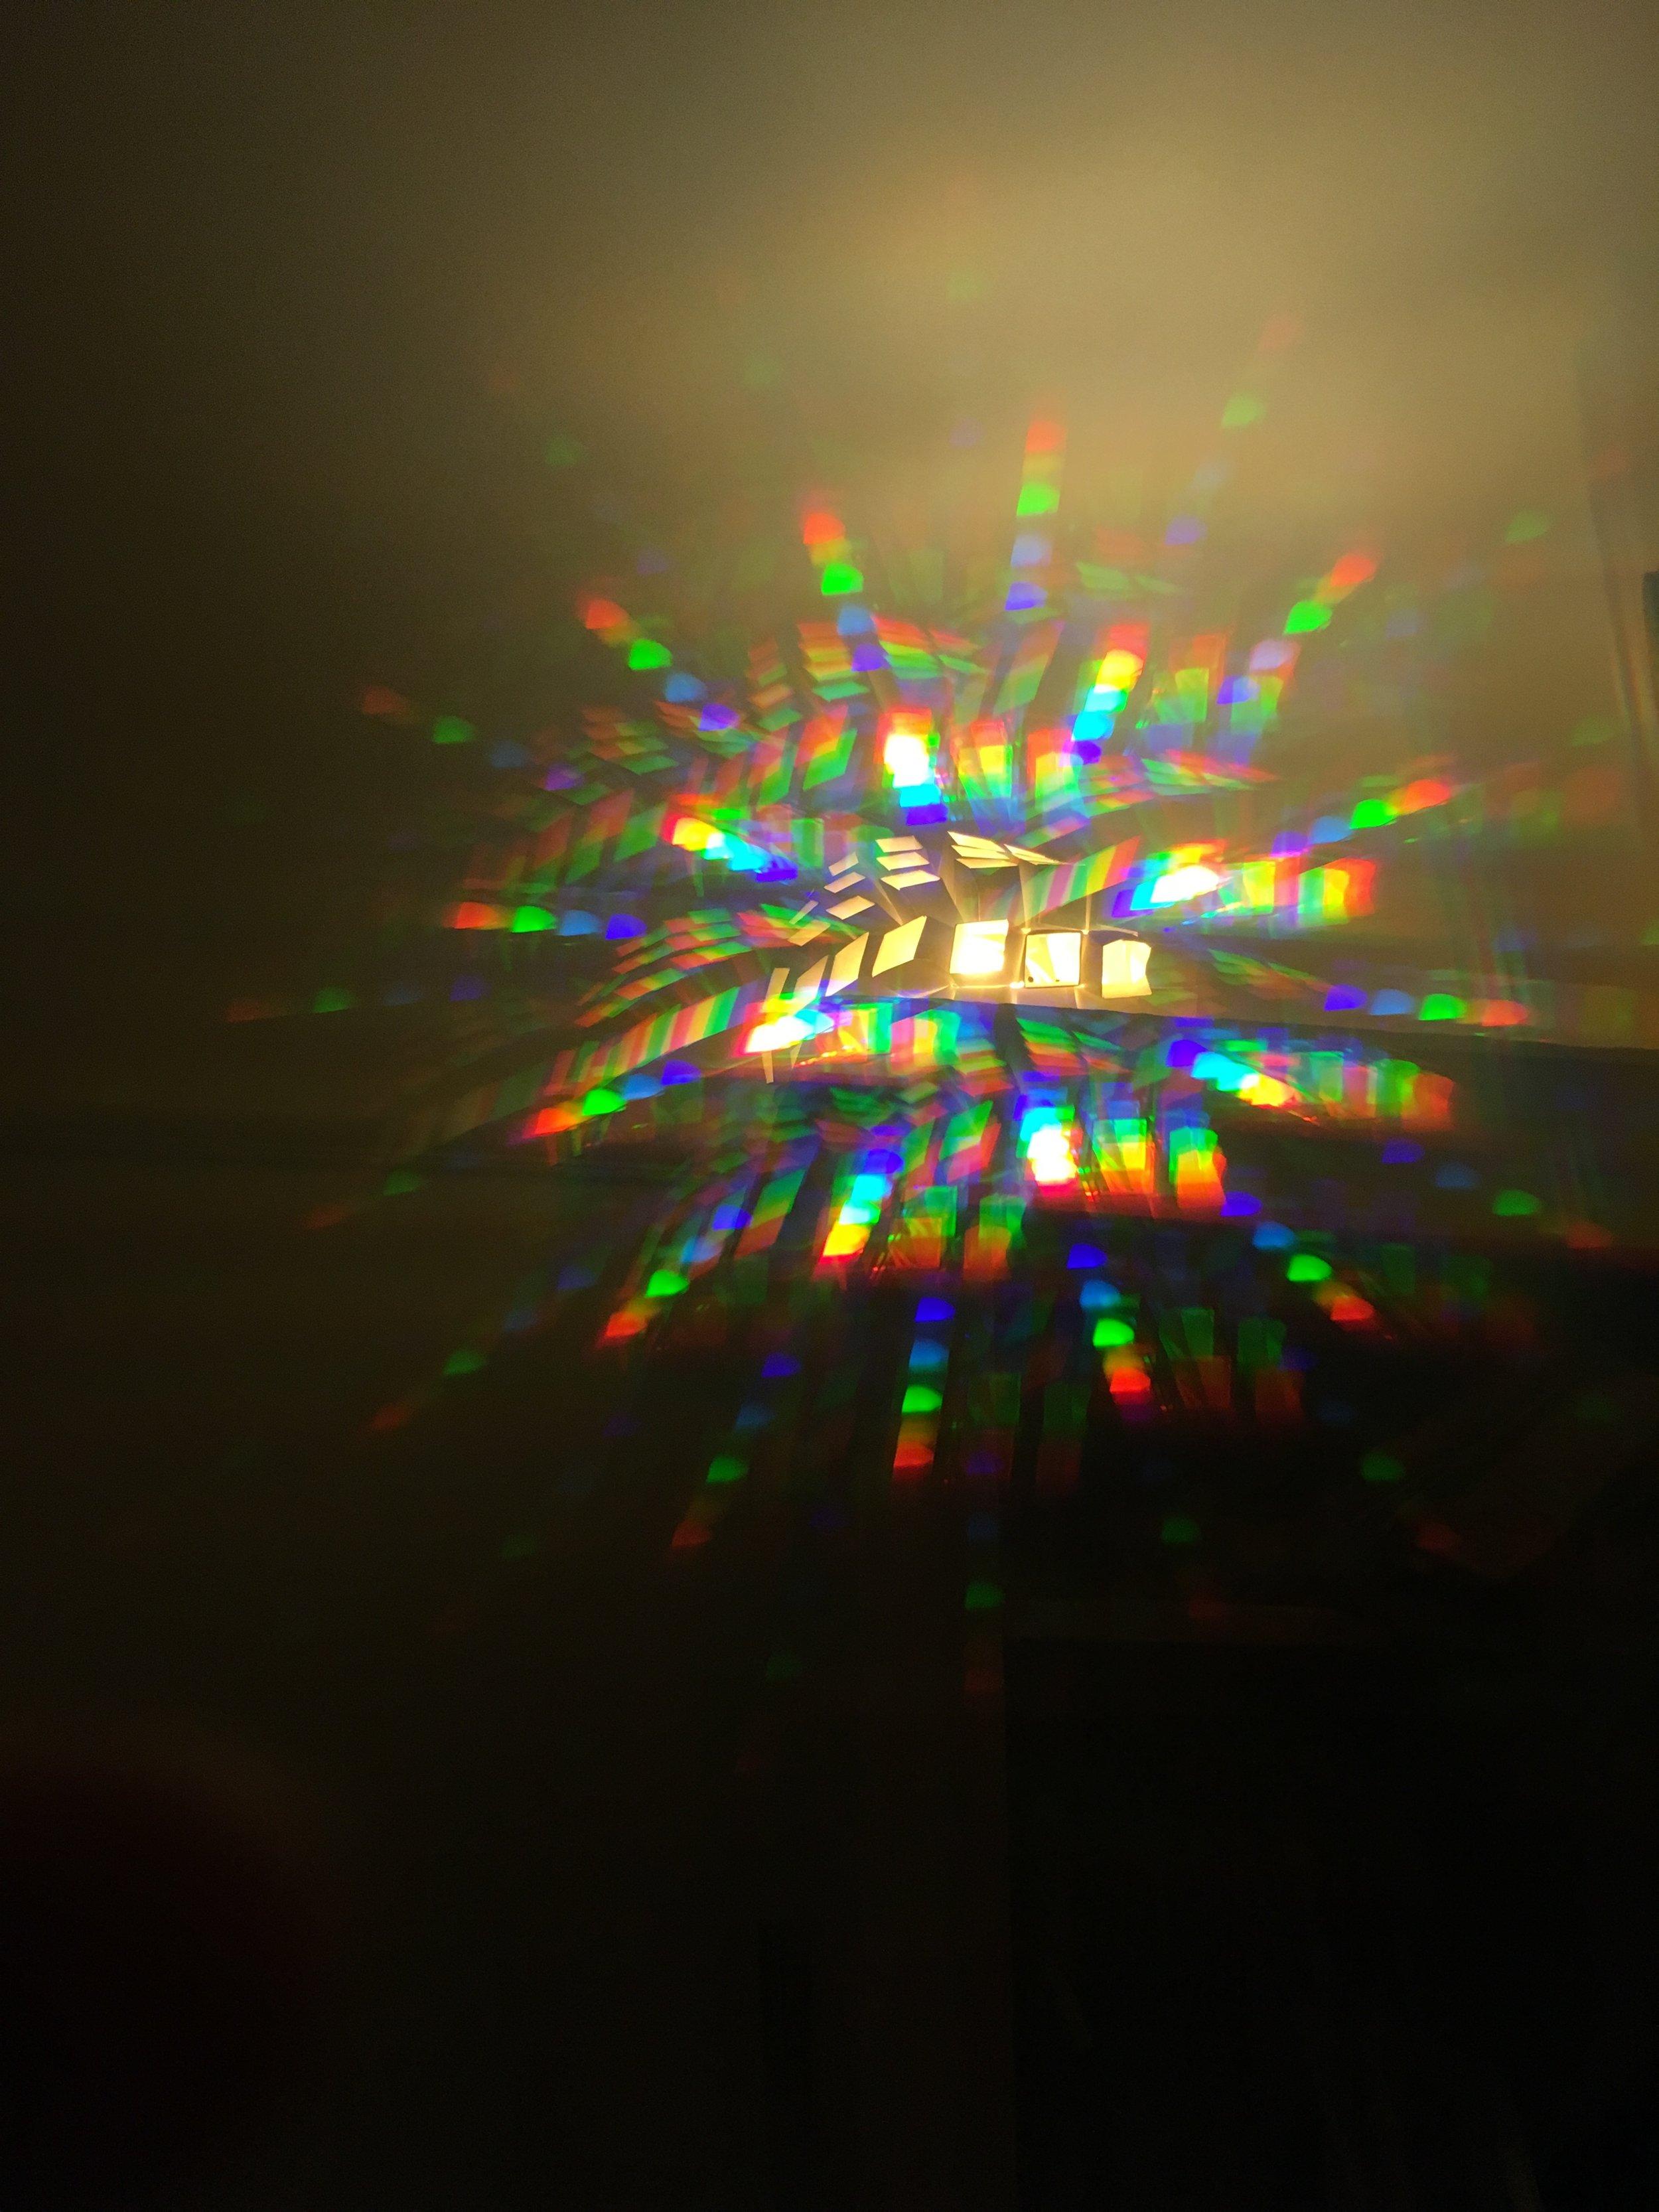 filteredlights2.JPG